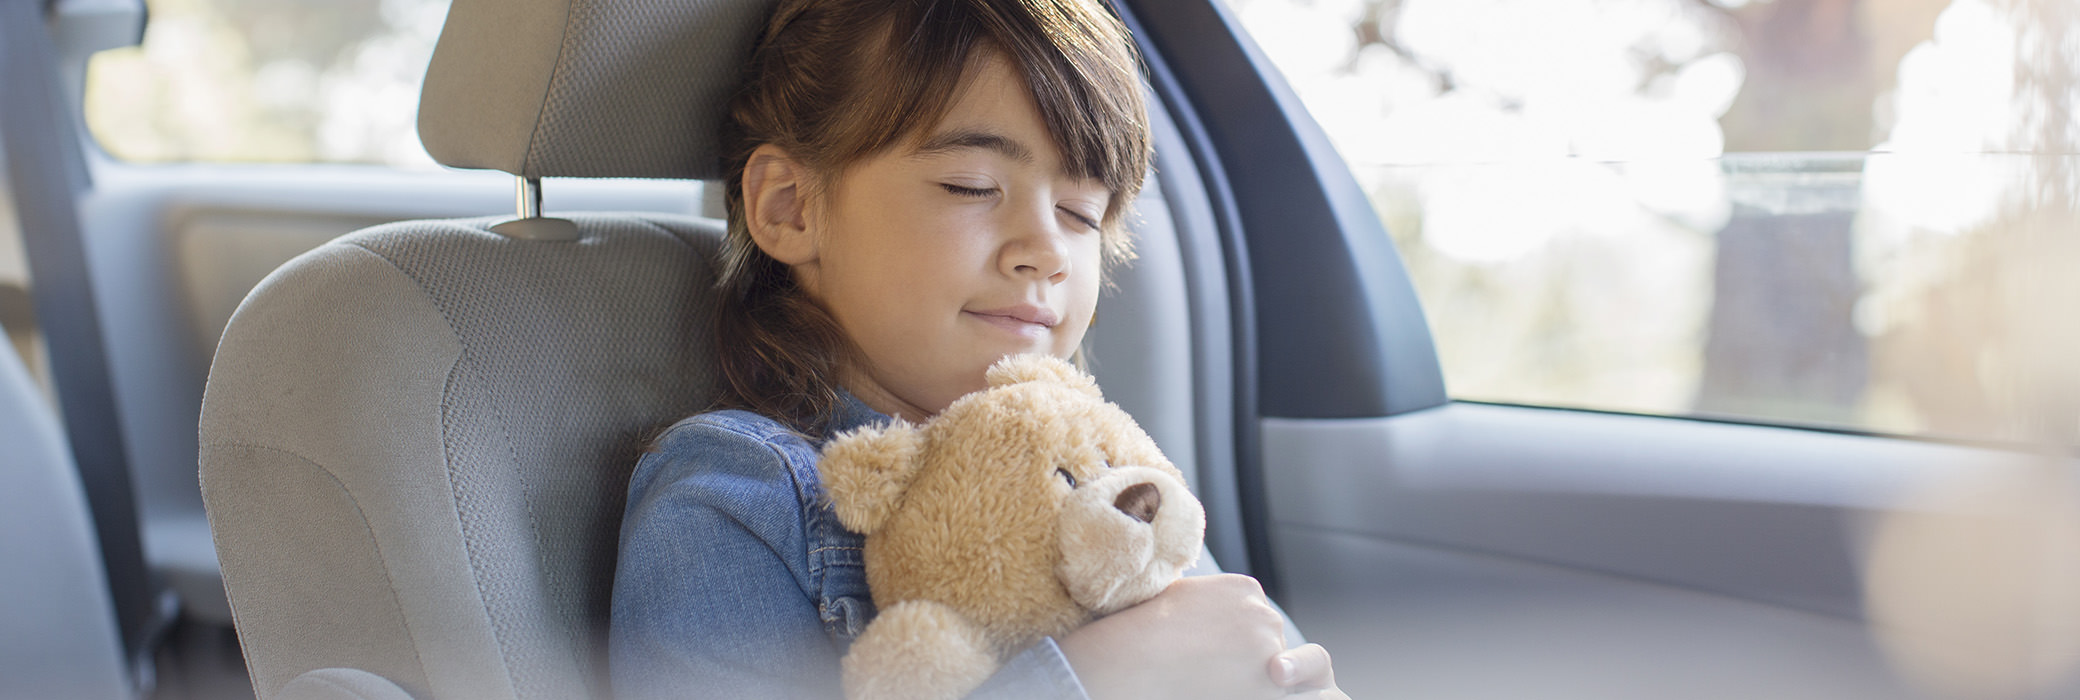 Fetiță zâmbind cu ochii închiși într-o mașină, cu ursulețul de pluș în brațe